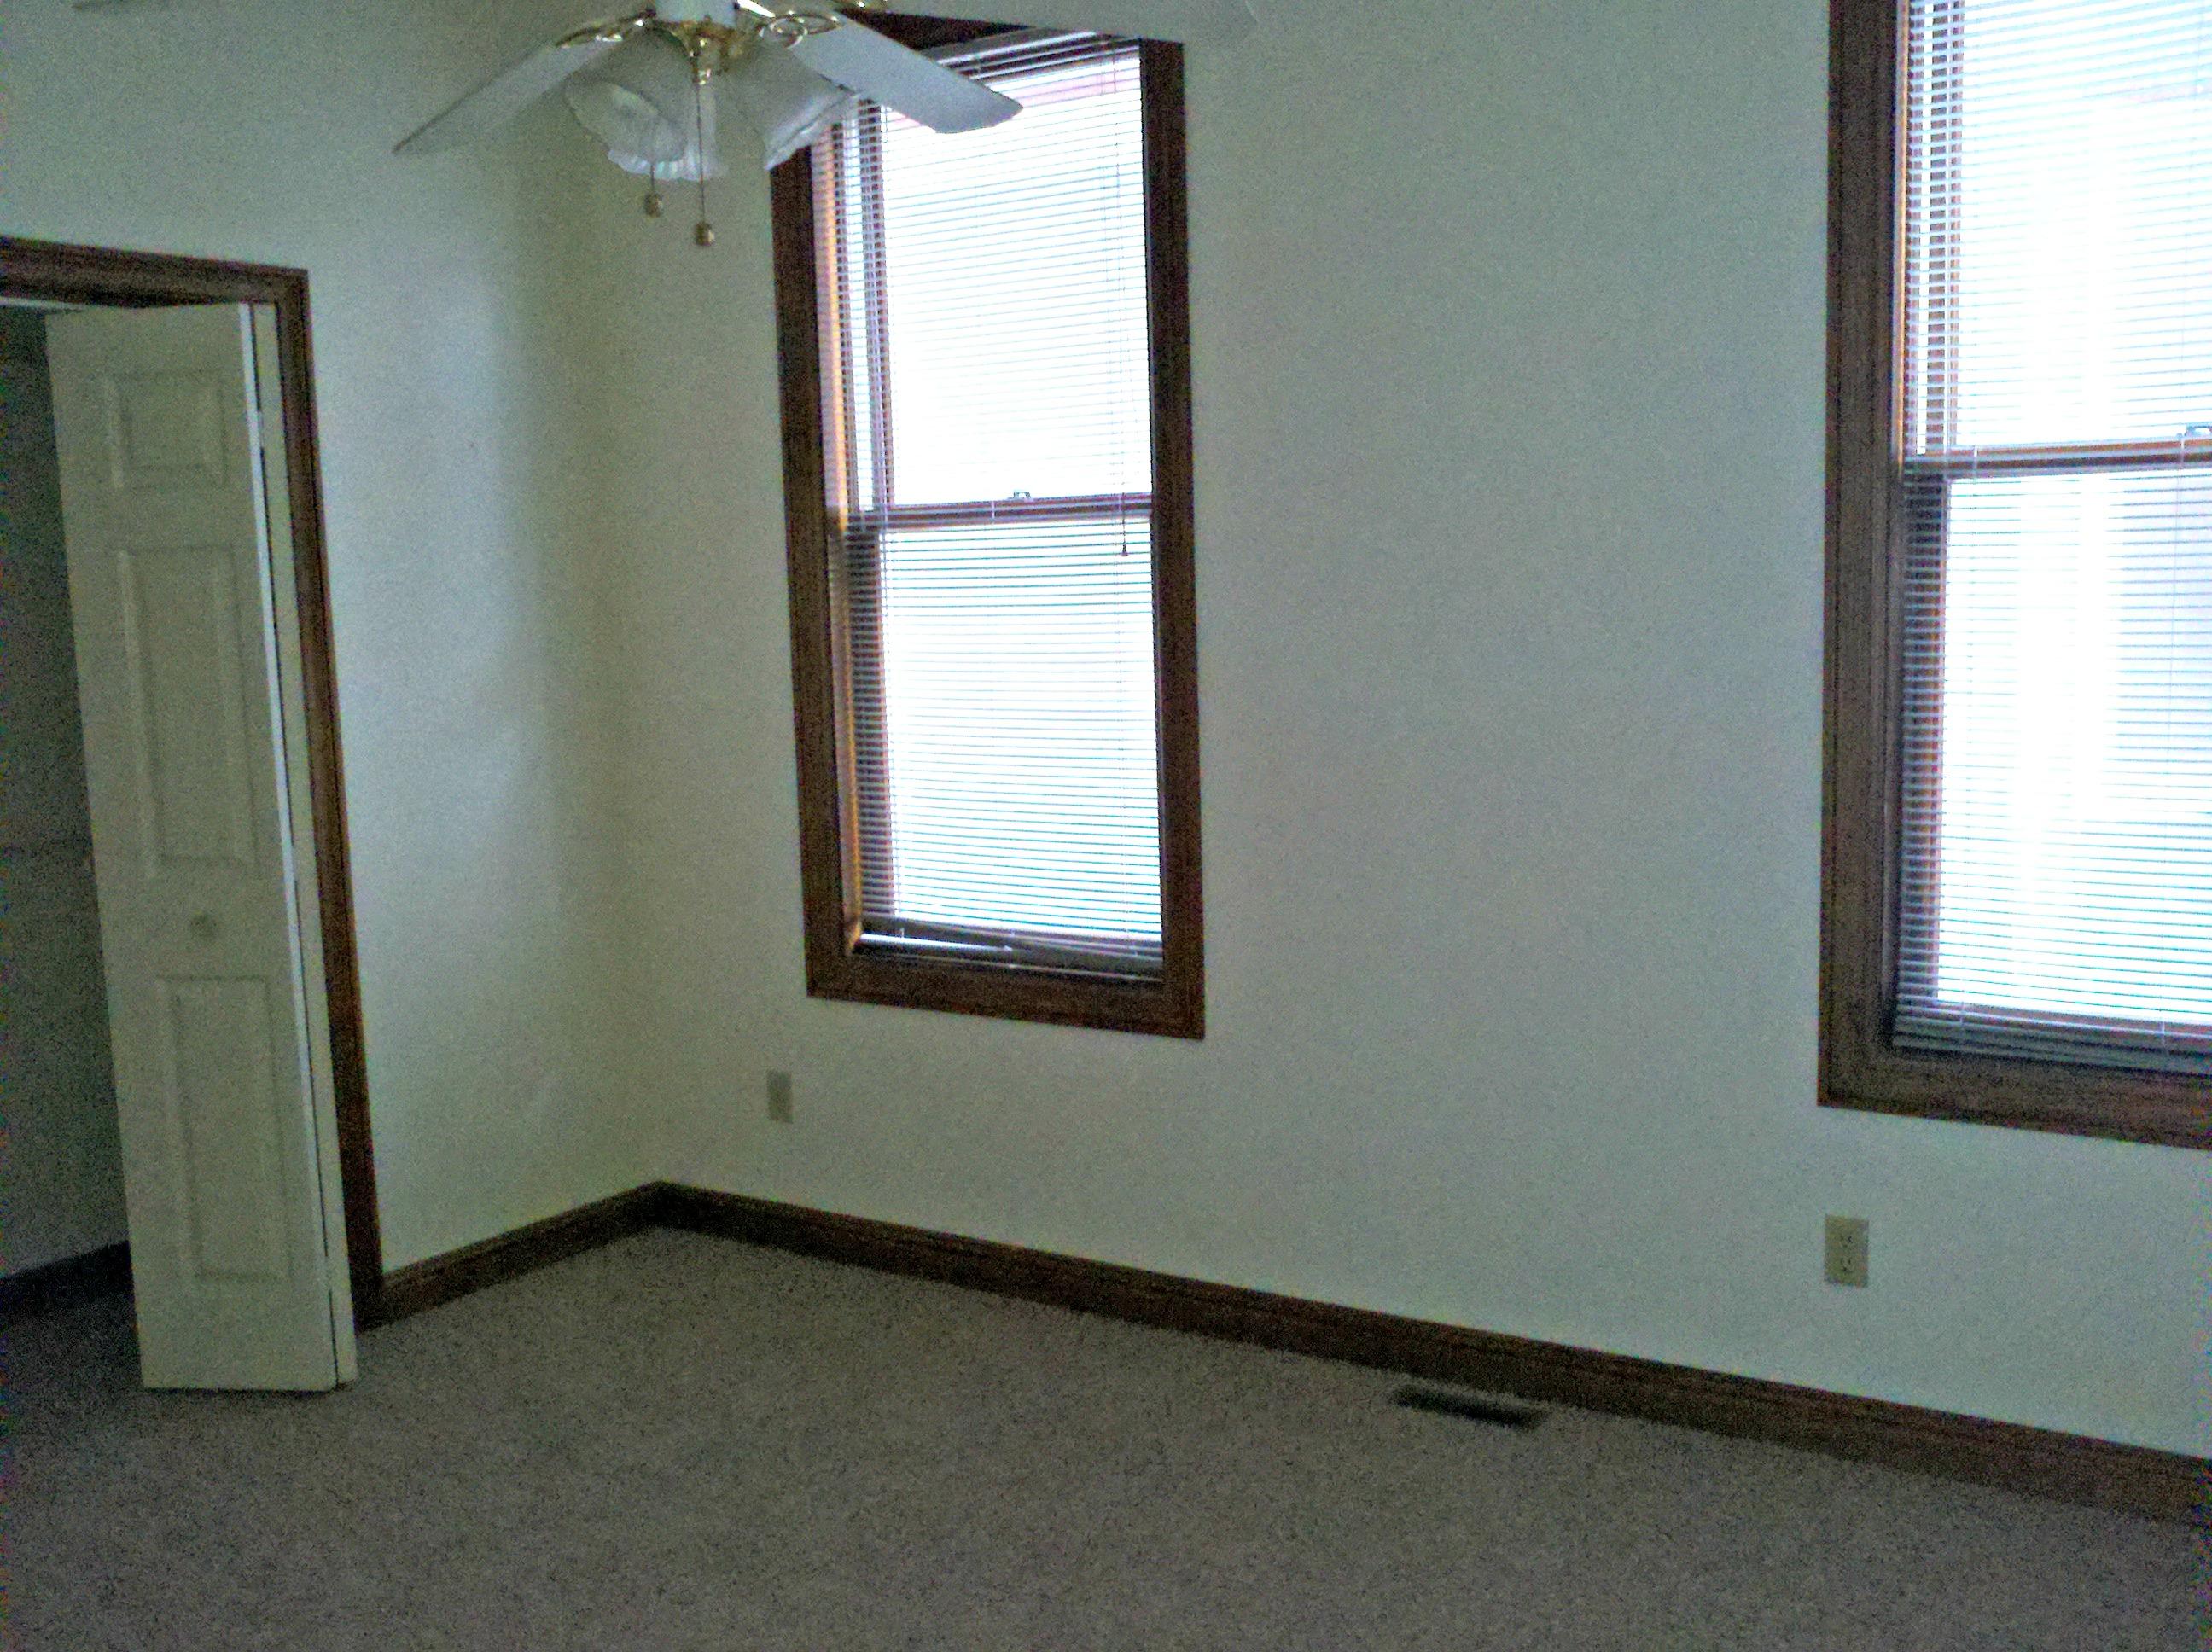 624 S Clinton St 3 1 Bedroom J J Real Estate